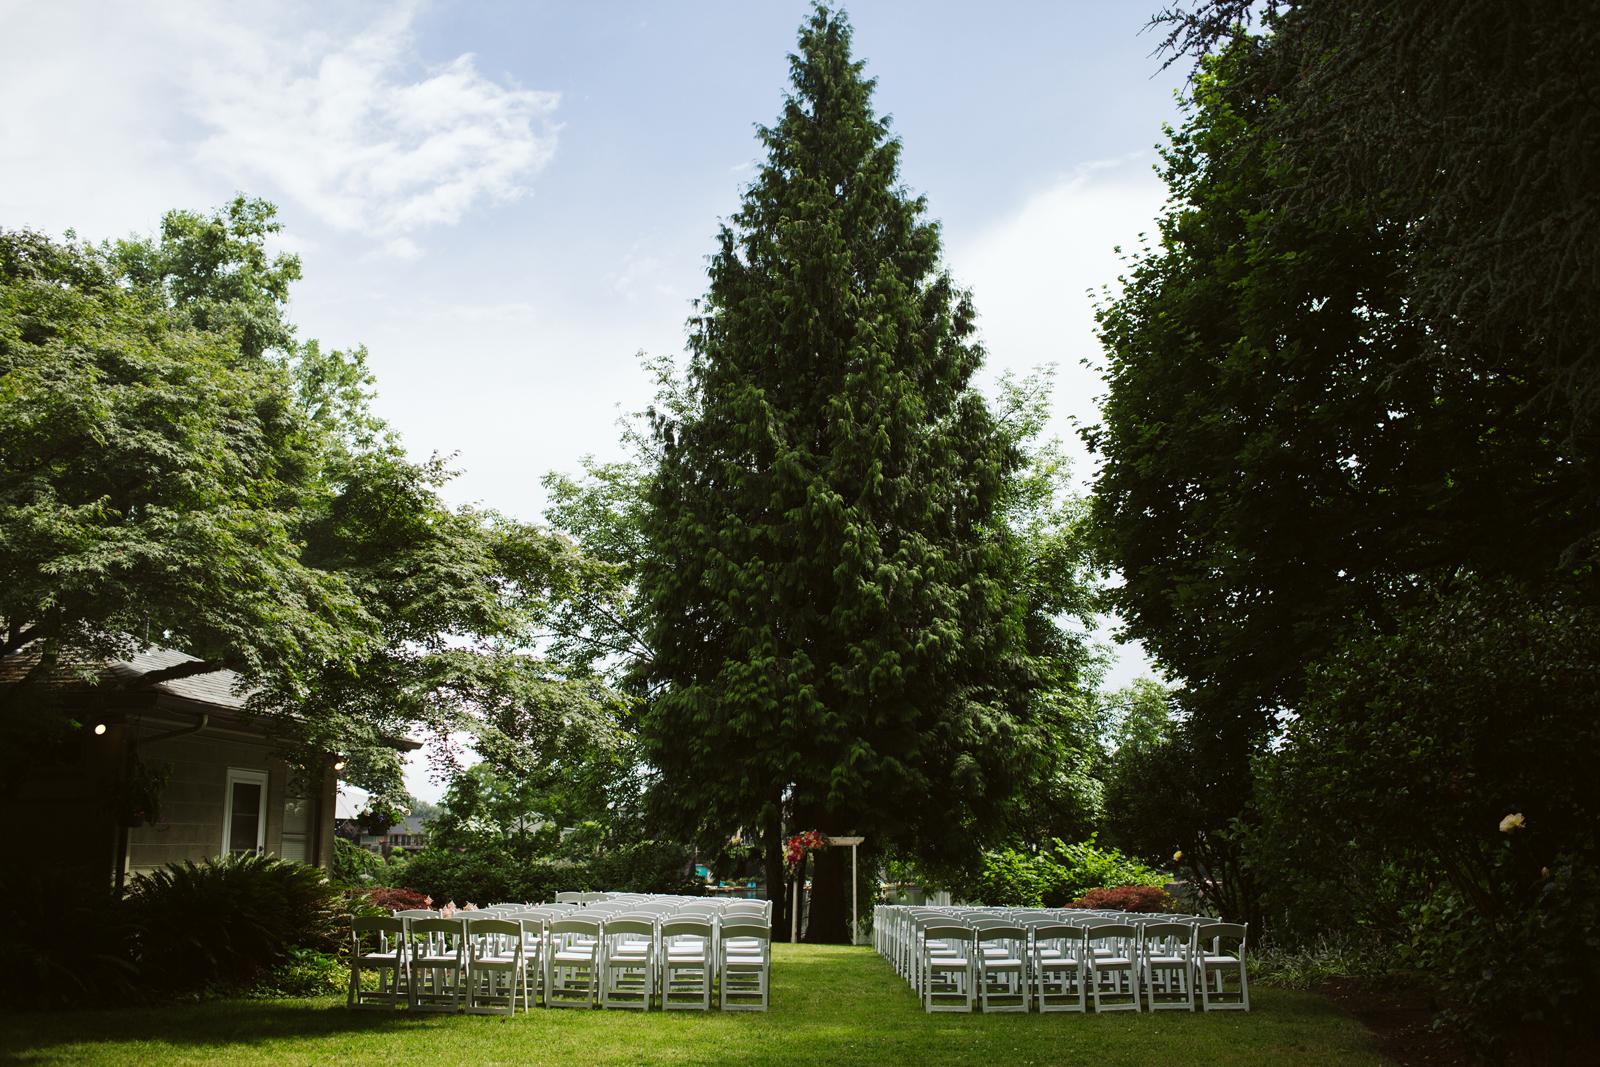 022-daronjackson-gabby-alec-wedding.jpg